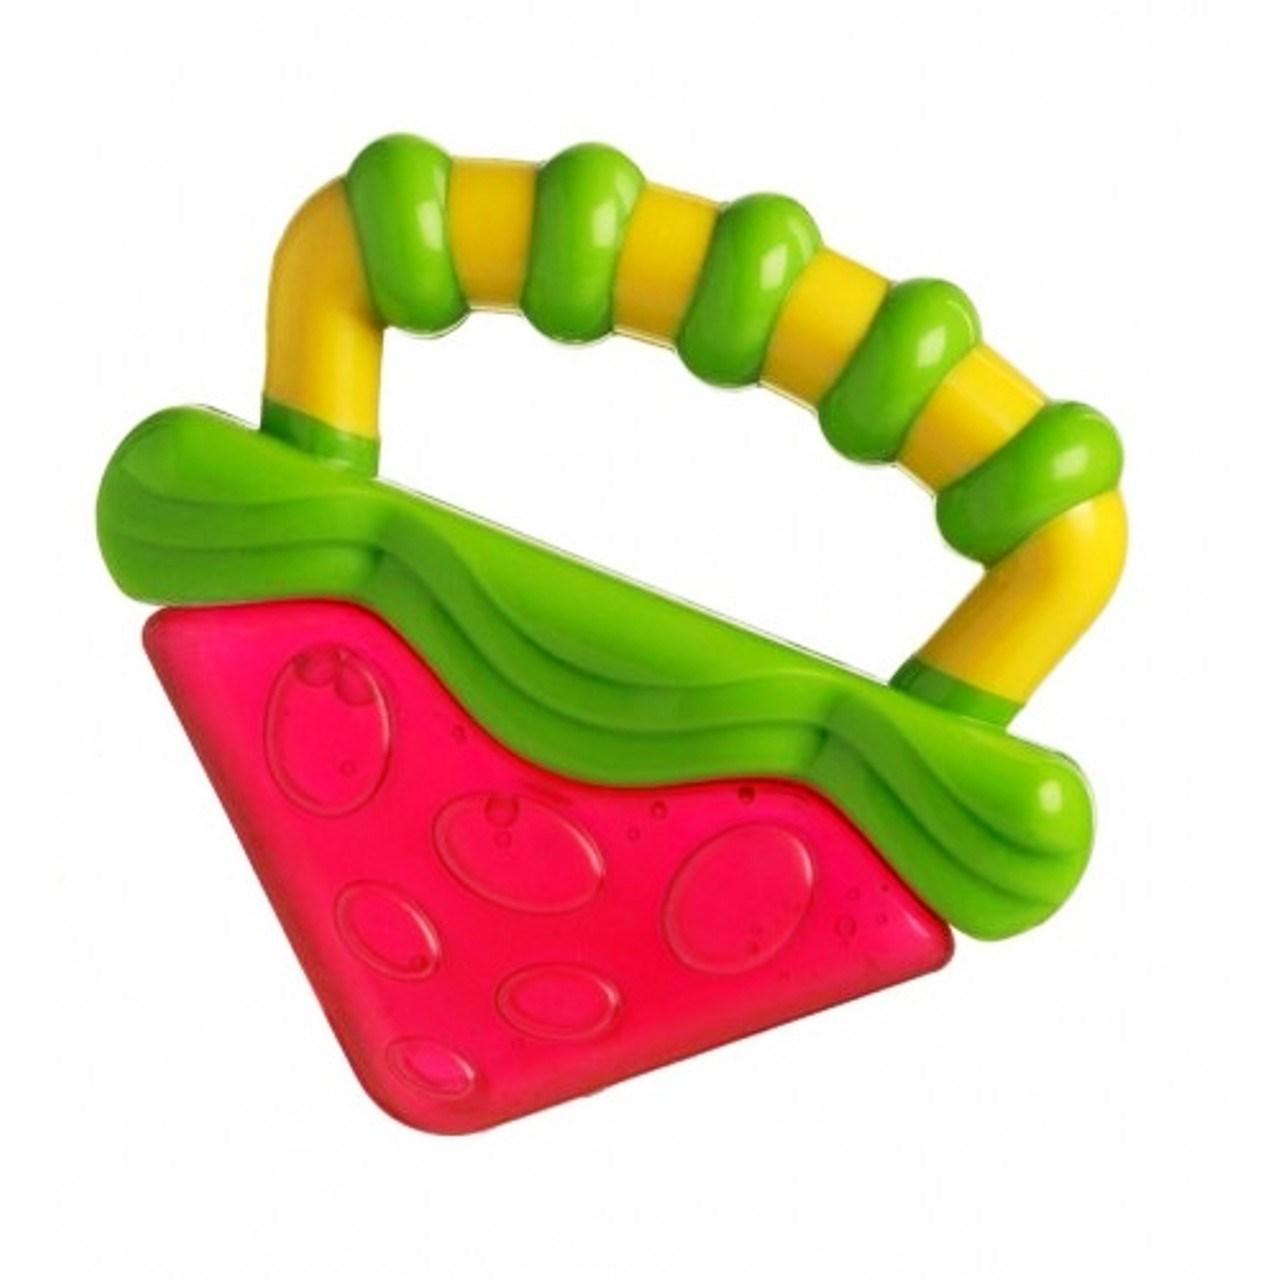 دندان گیر پلی گرو مدل توت فرنگی